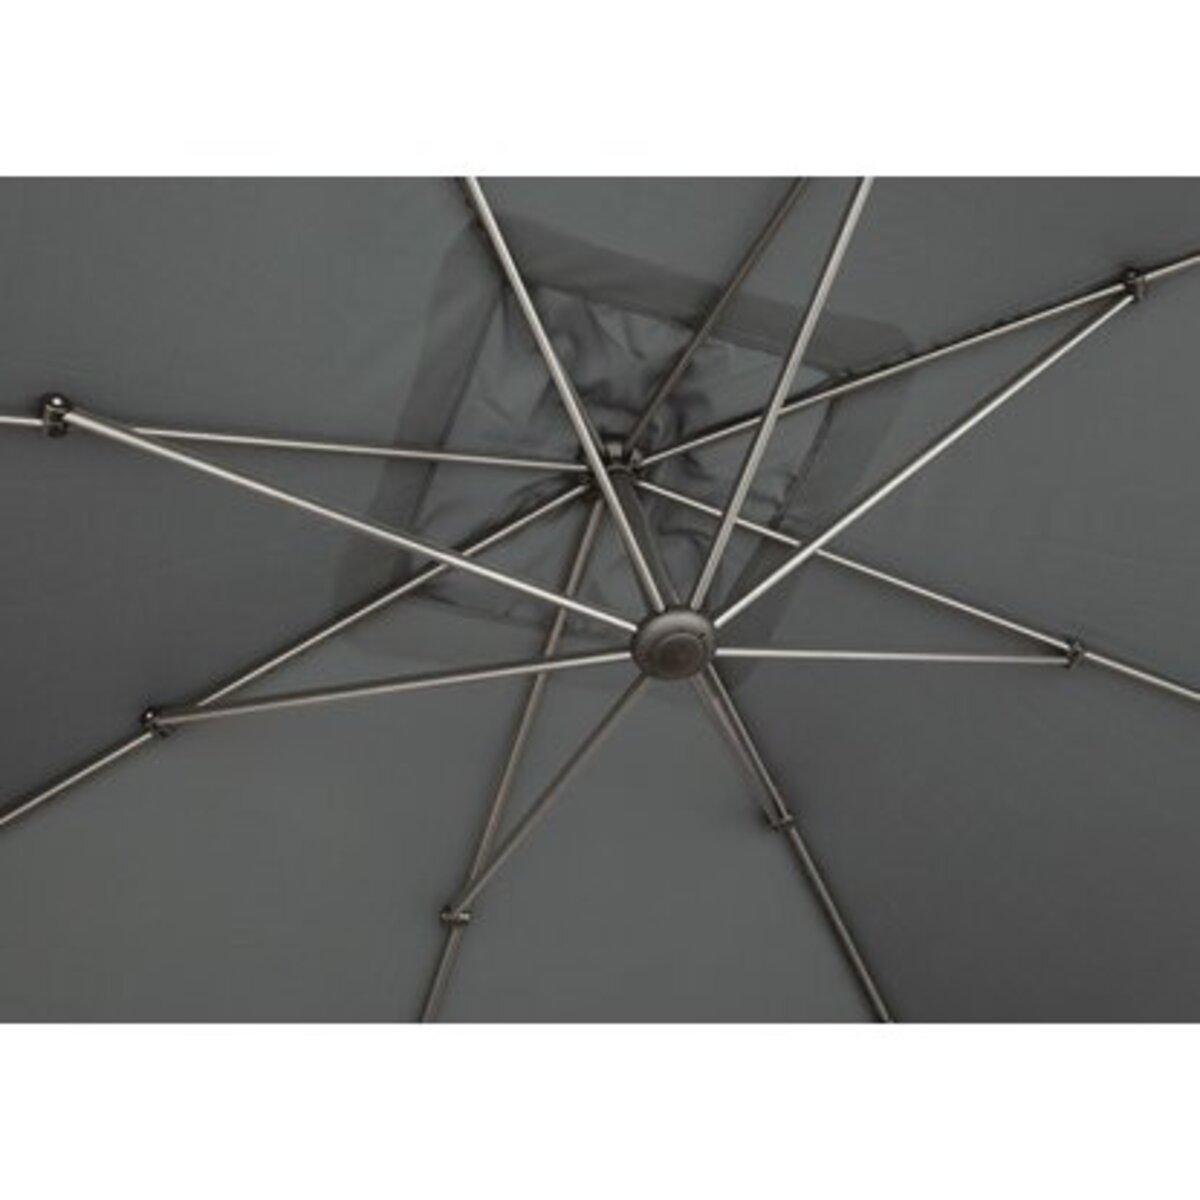 Bild 5 von Ampelschirm Peoria 300 cm x 300 cm Anthrazit mit Kurbel